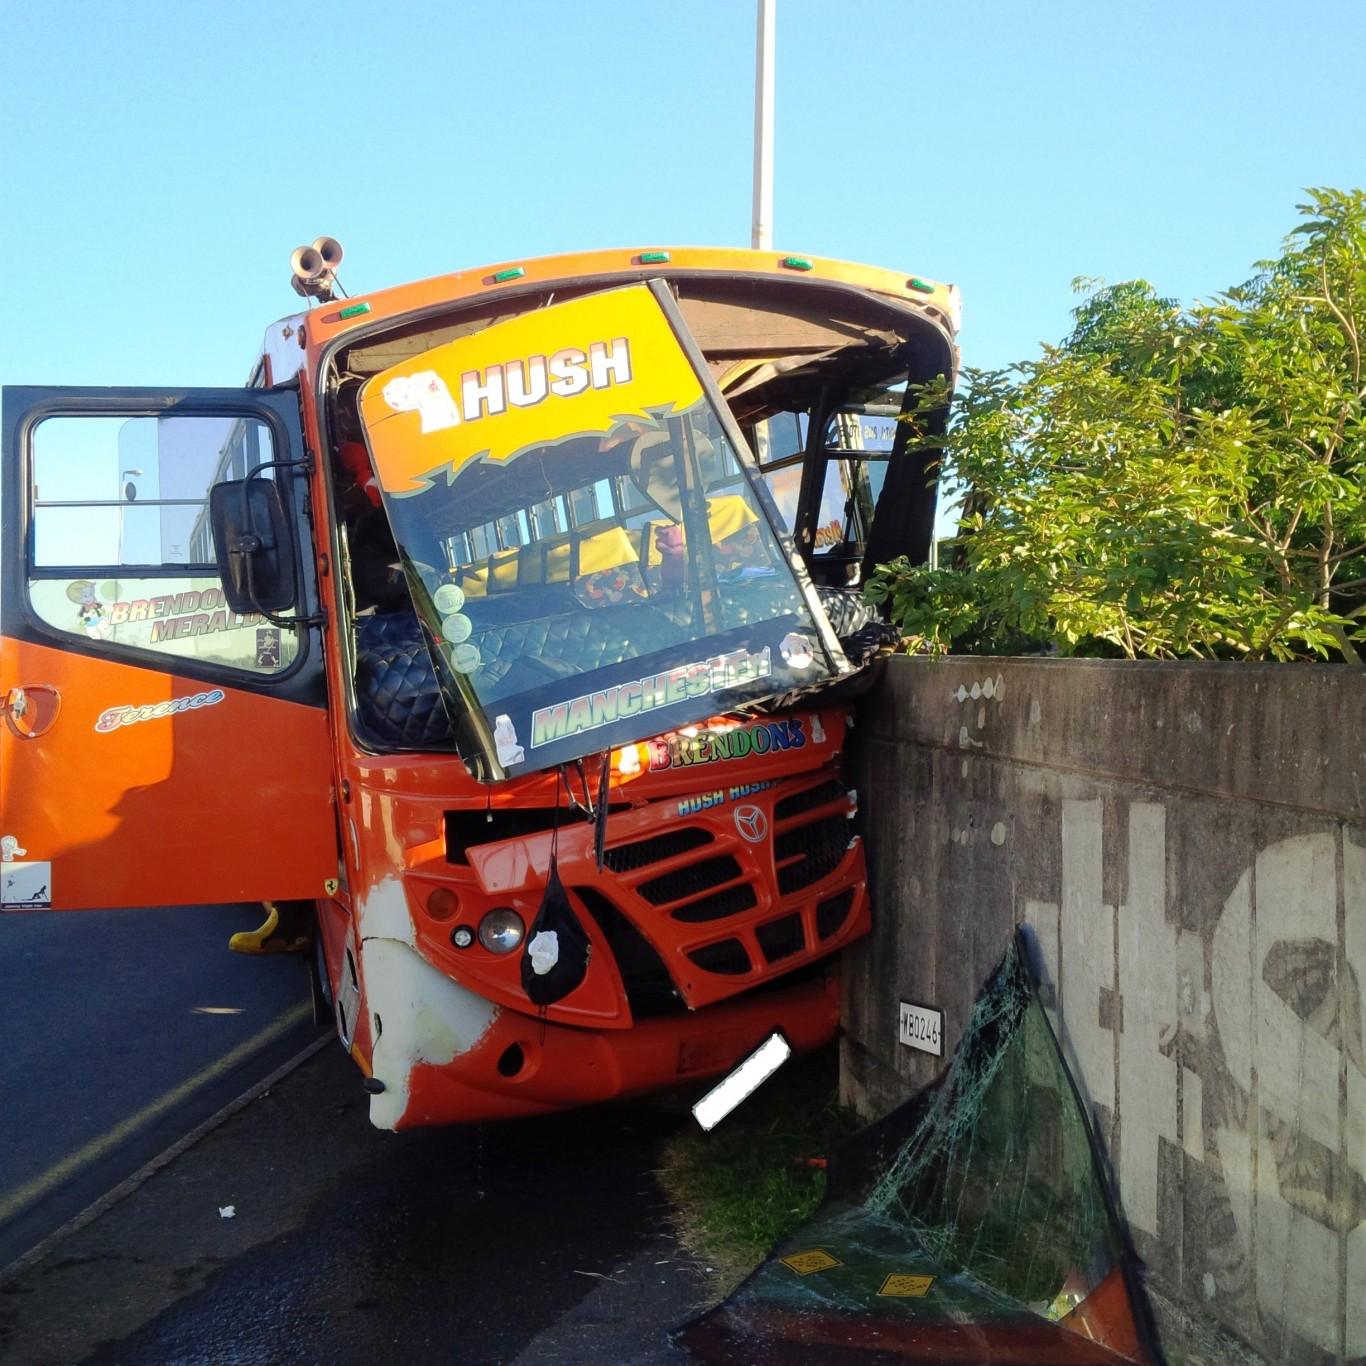 14 injured in Bus crash in Durban